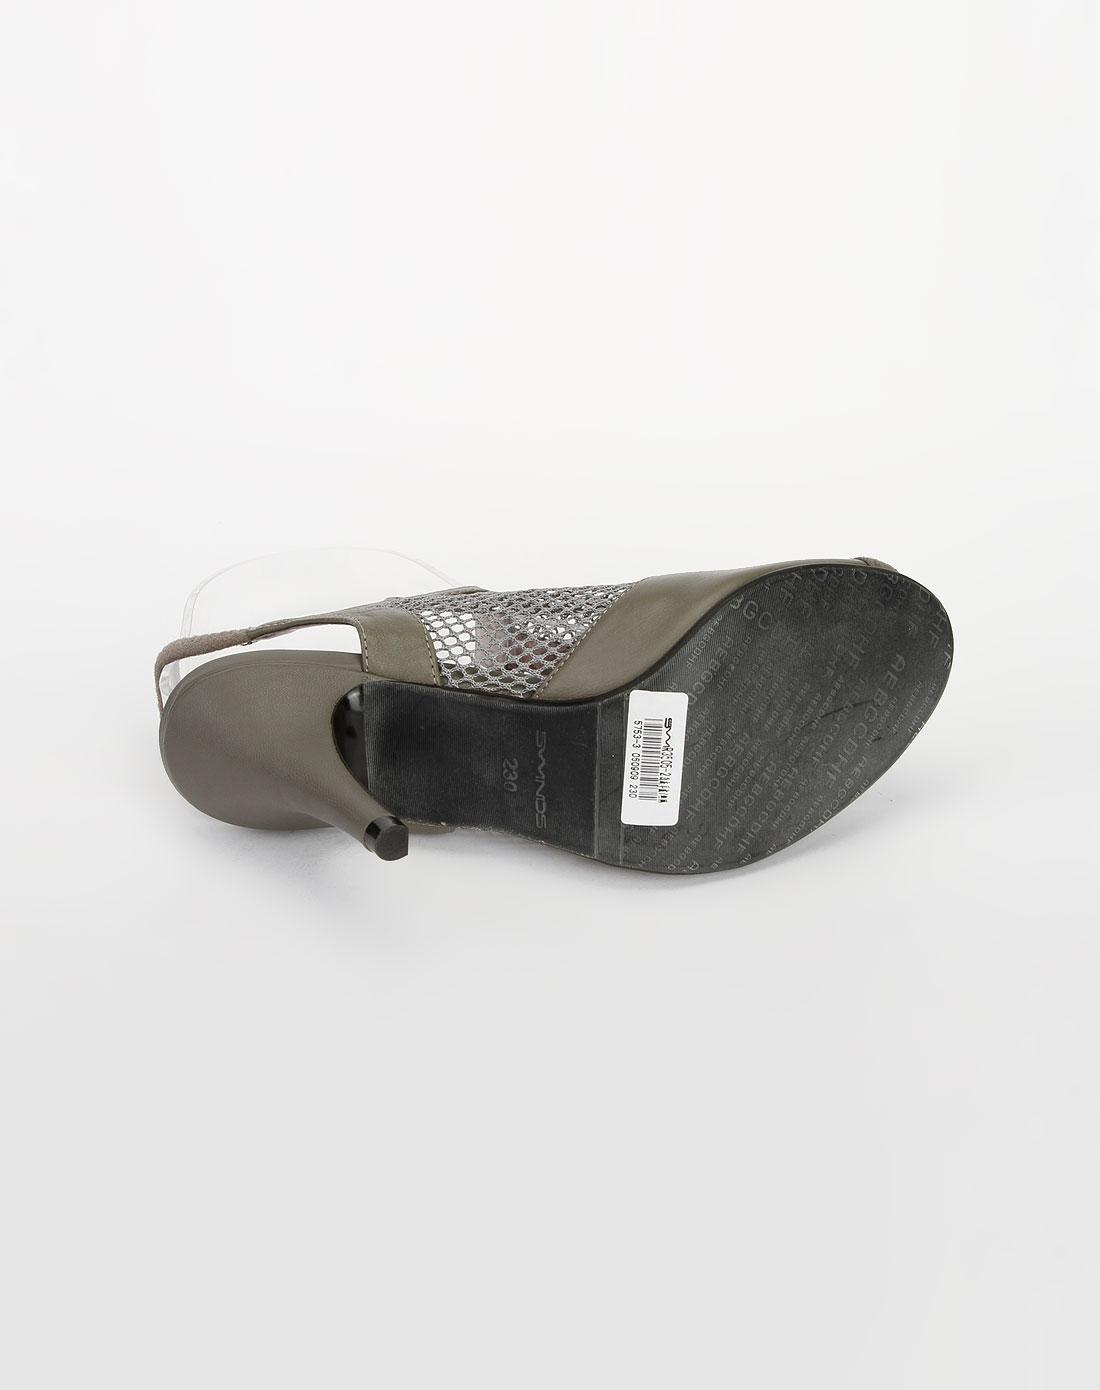 浅灰色烫钻网面高跟凉鞋